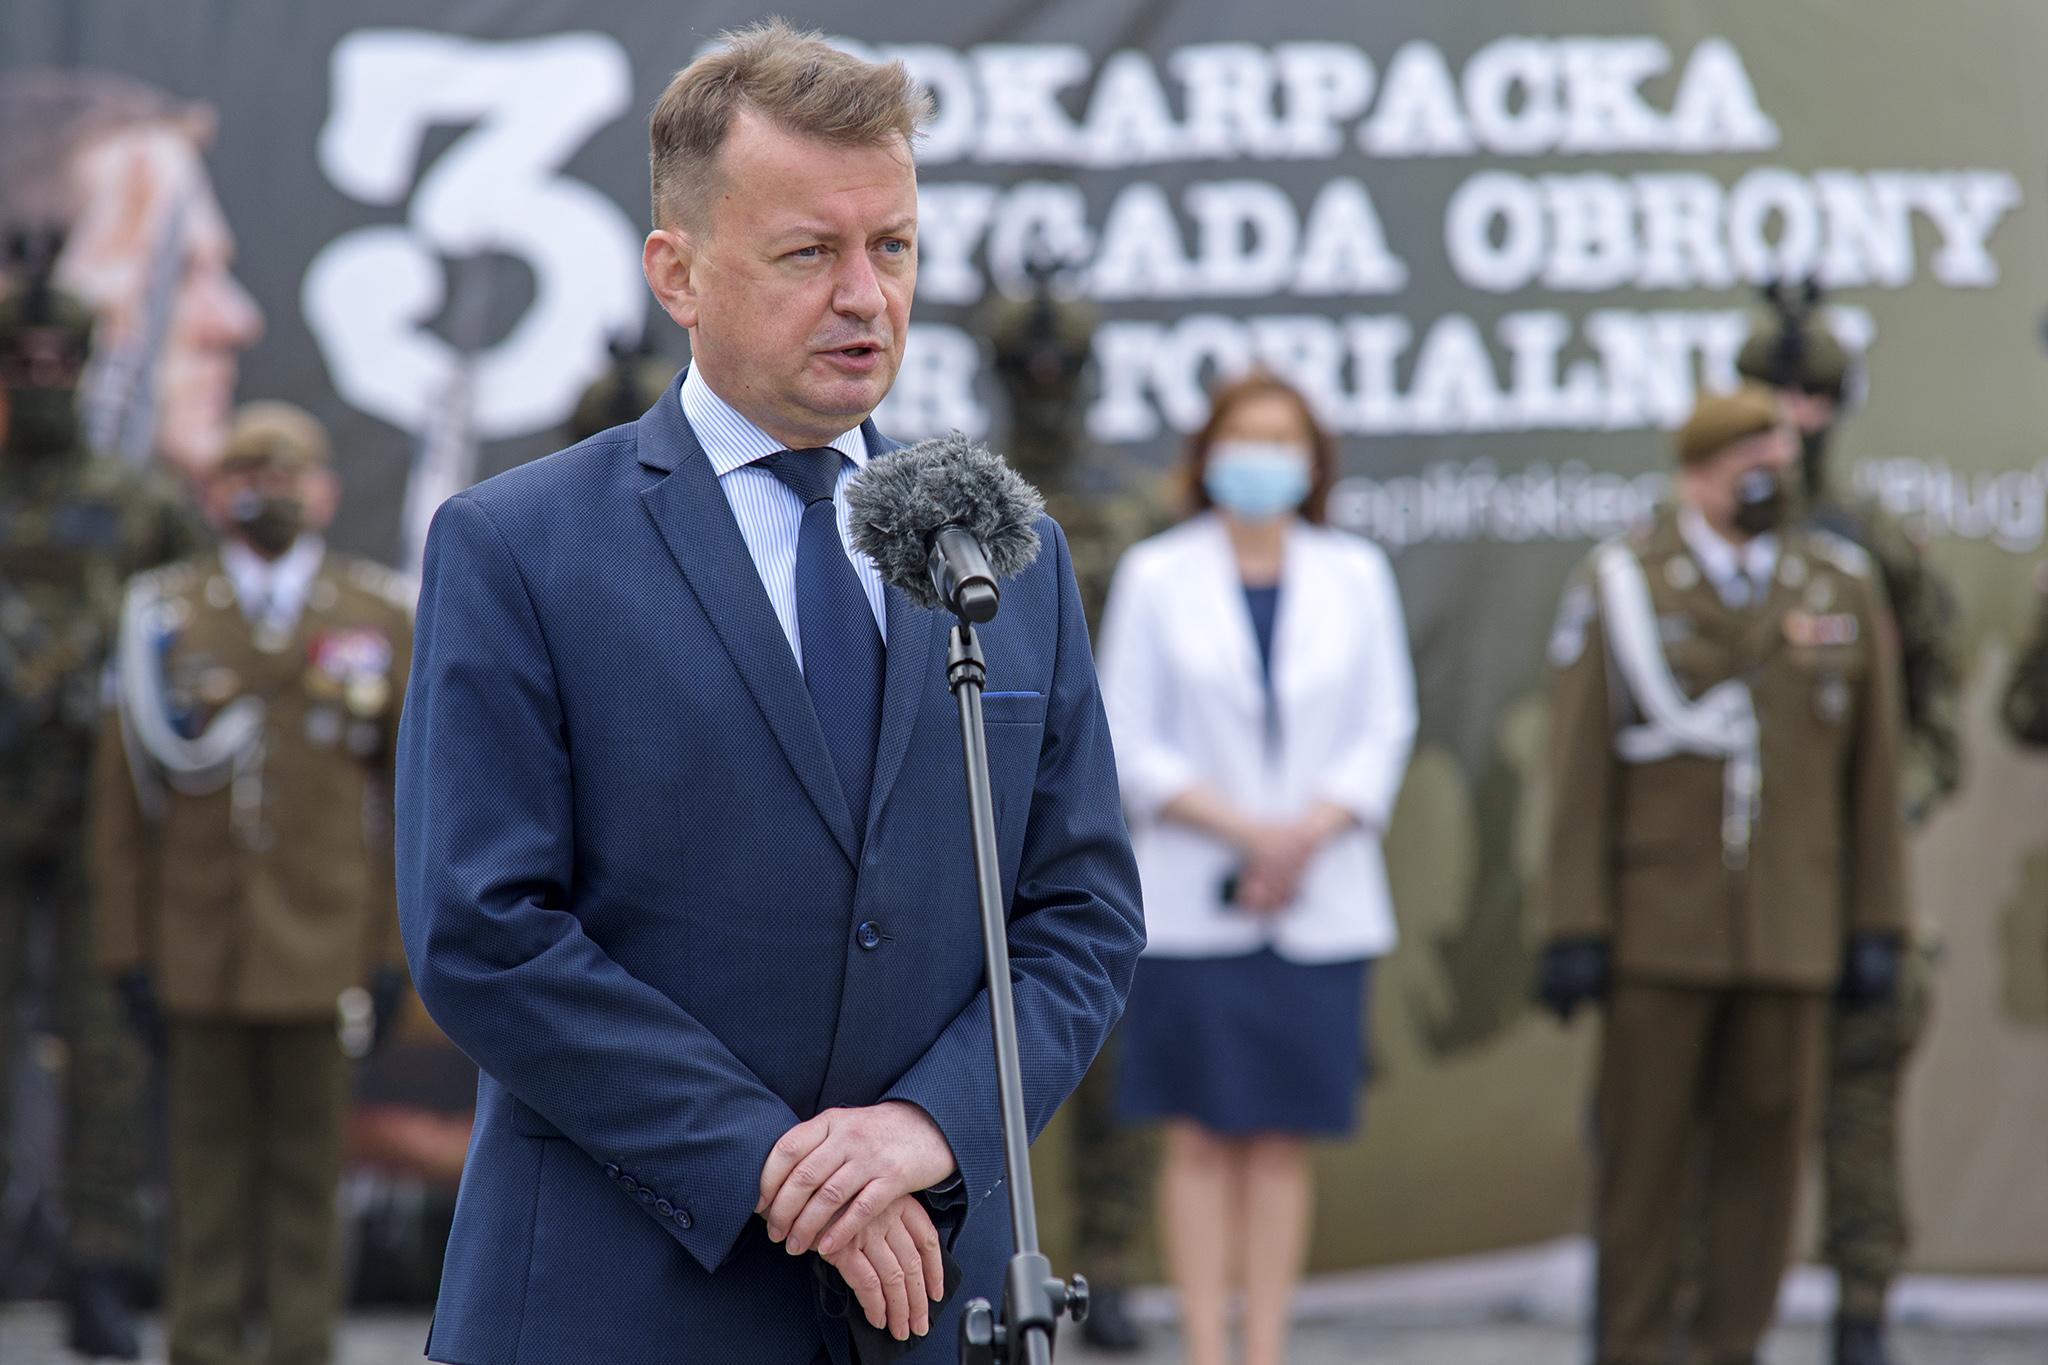 DSC_3739_RZESZOW_NEWS_SEBASTIAN_STANKIEWICZ